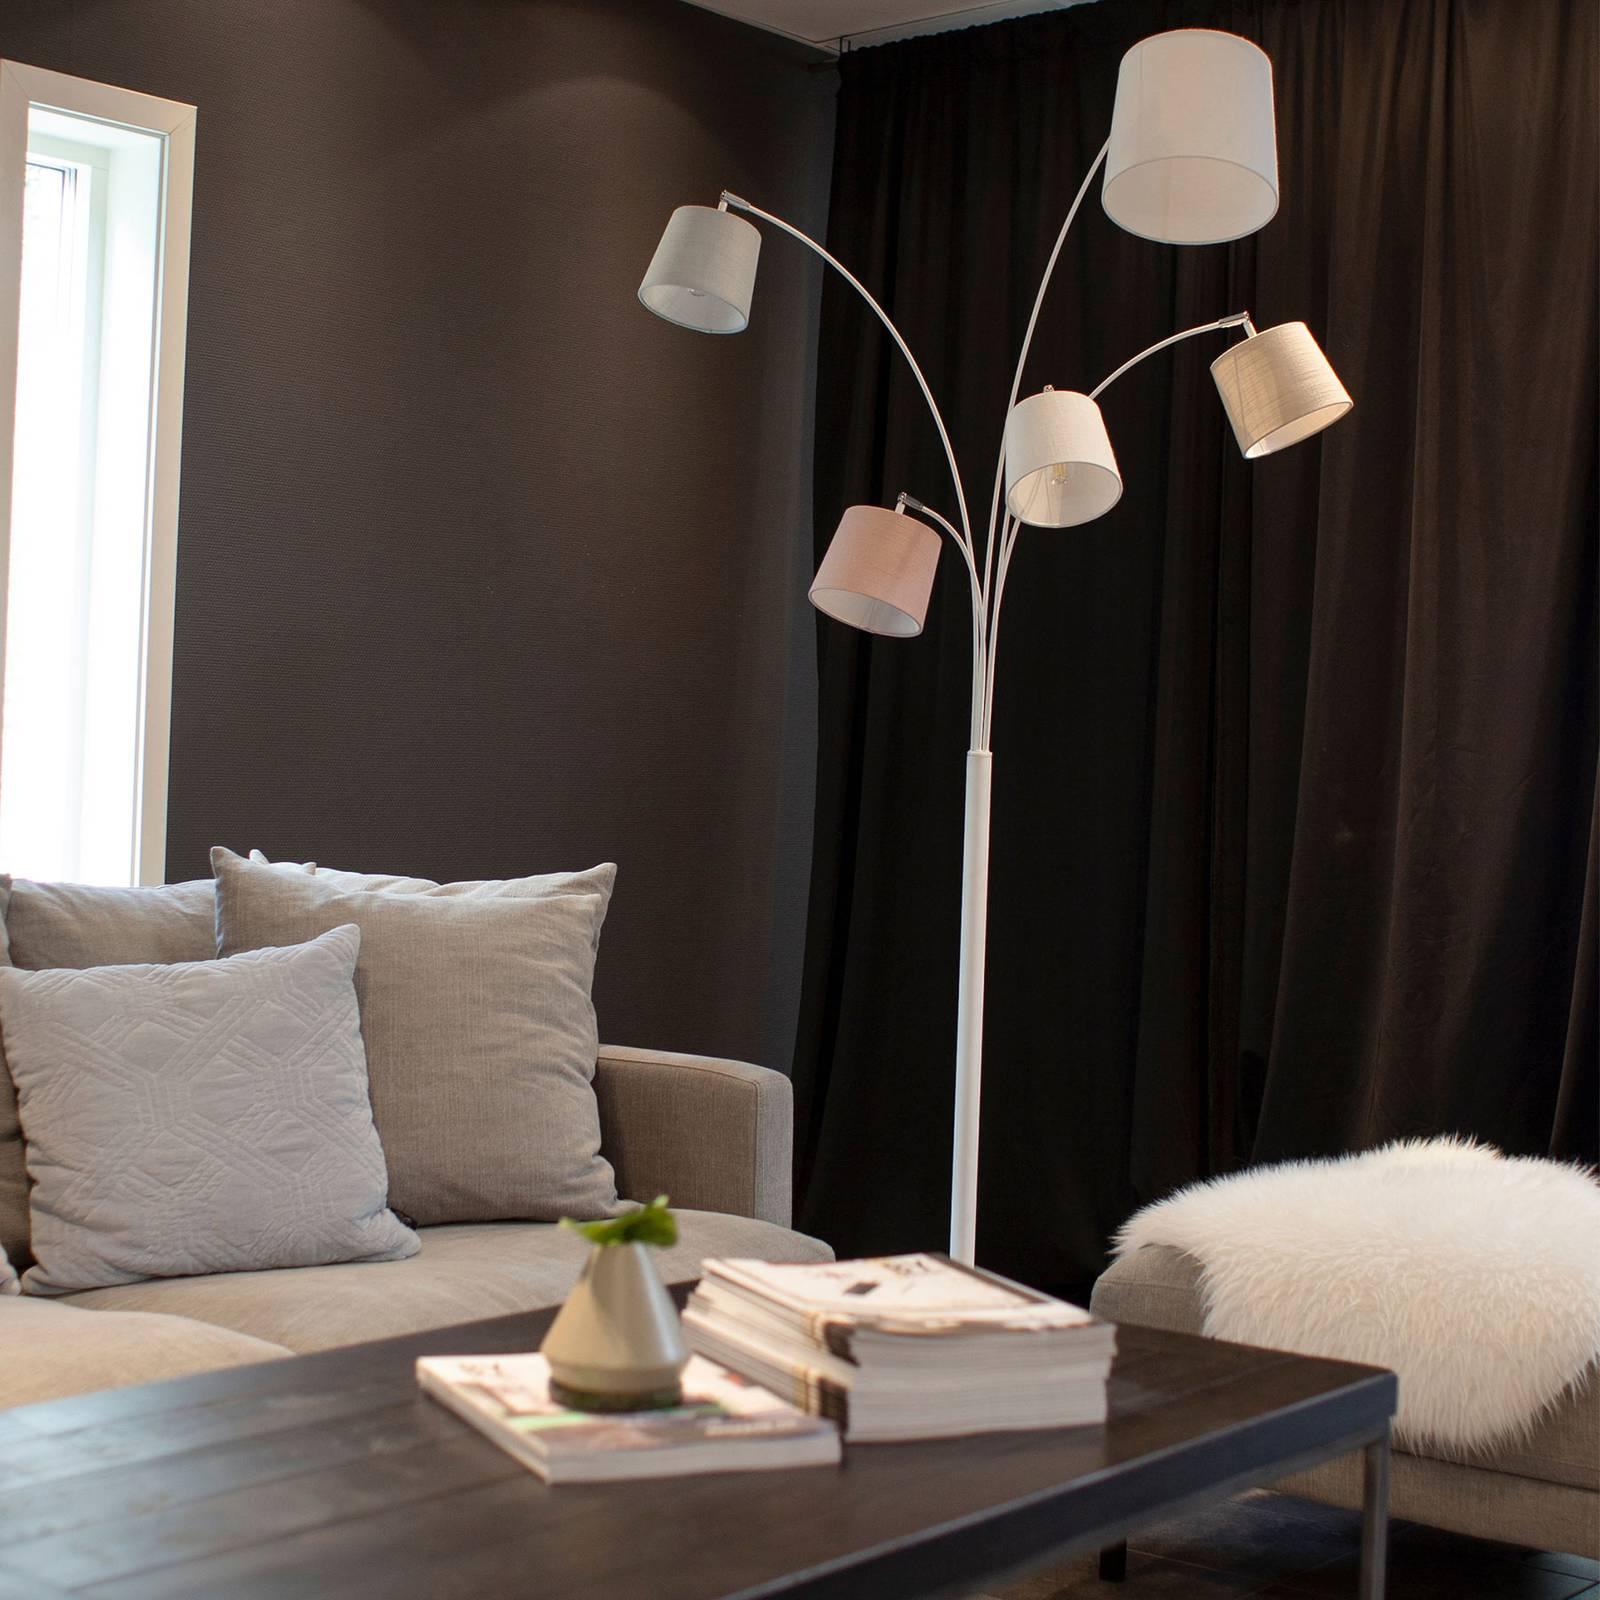 By Rydéns Foggy vloerlamp, vijf kappen, wit